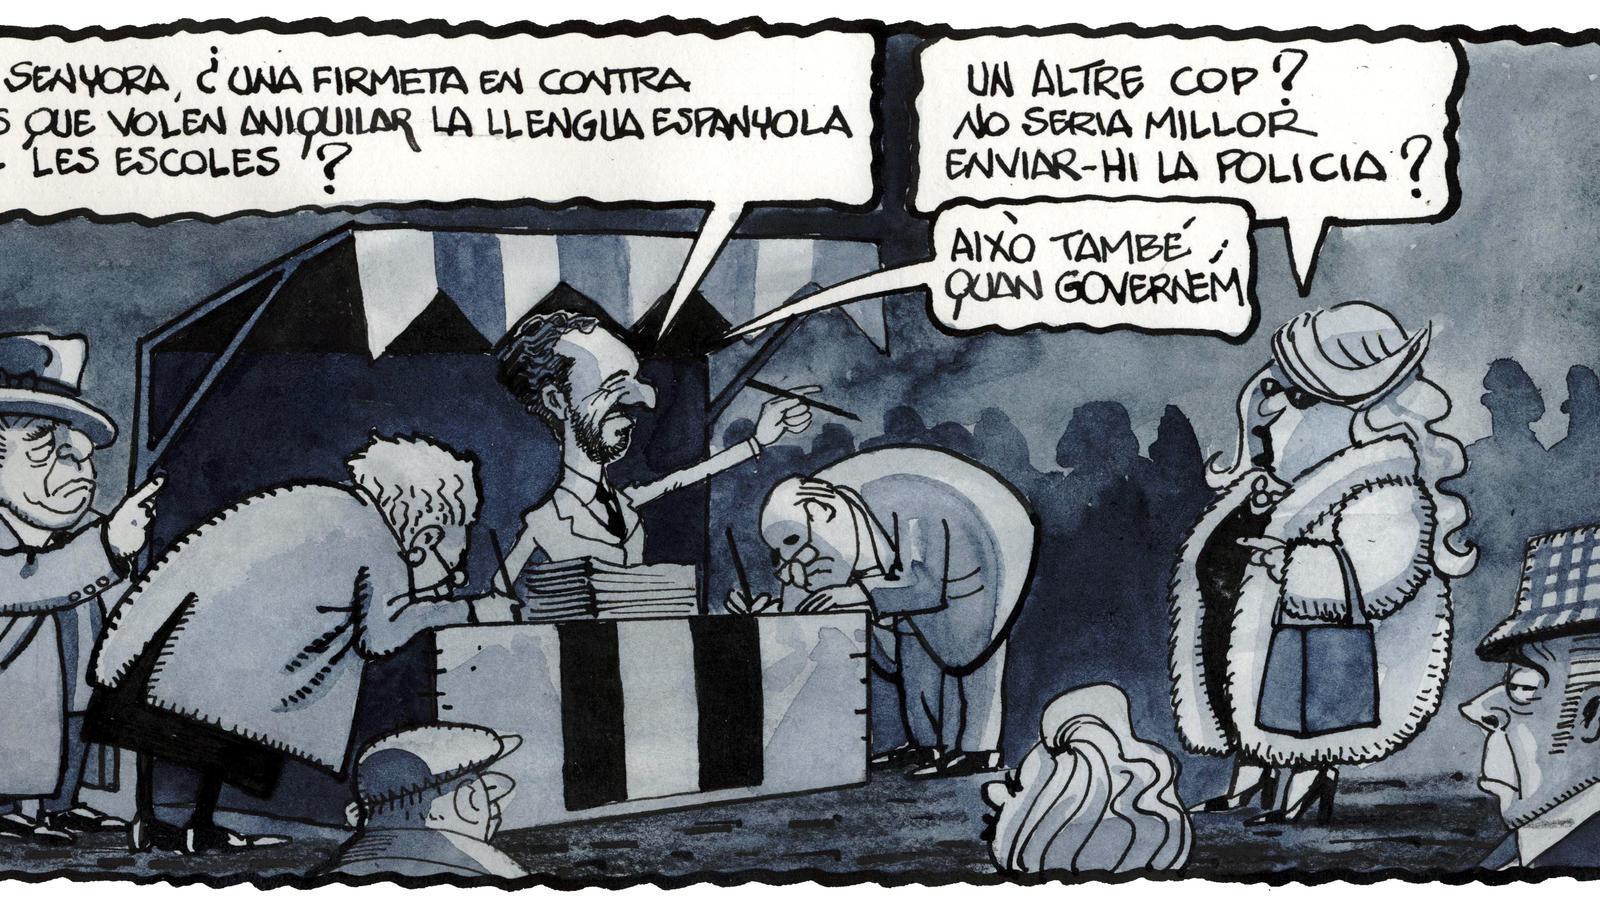 'A la contra', per Ferreres 21/11/2020